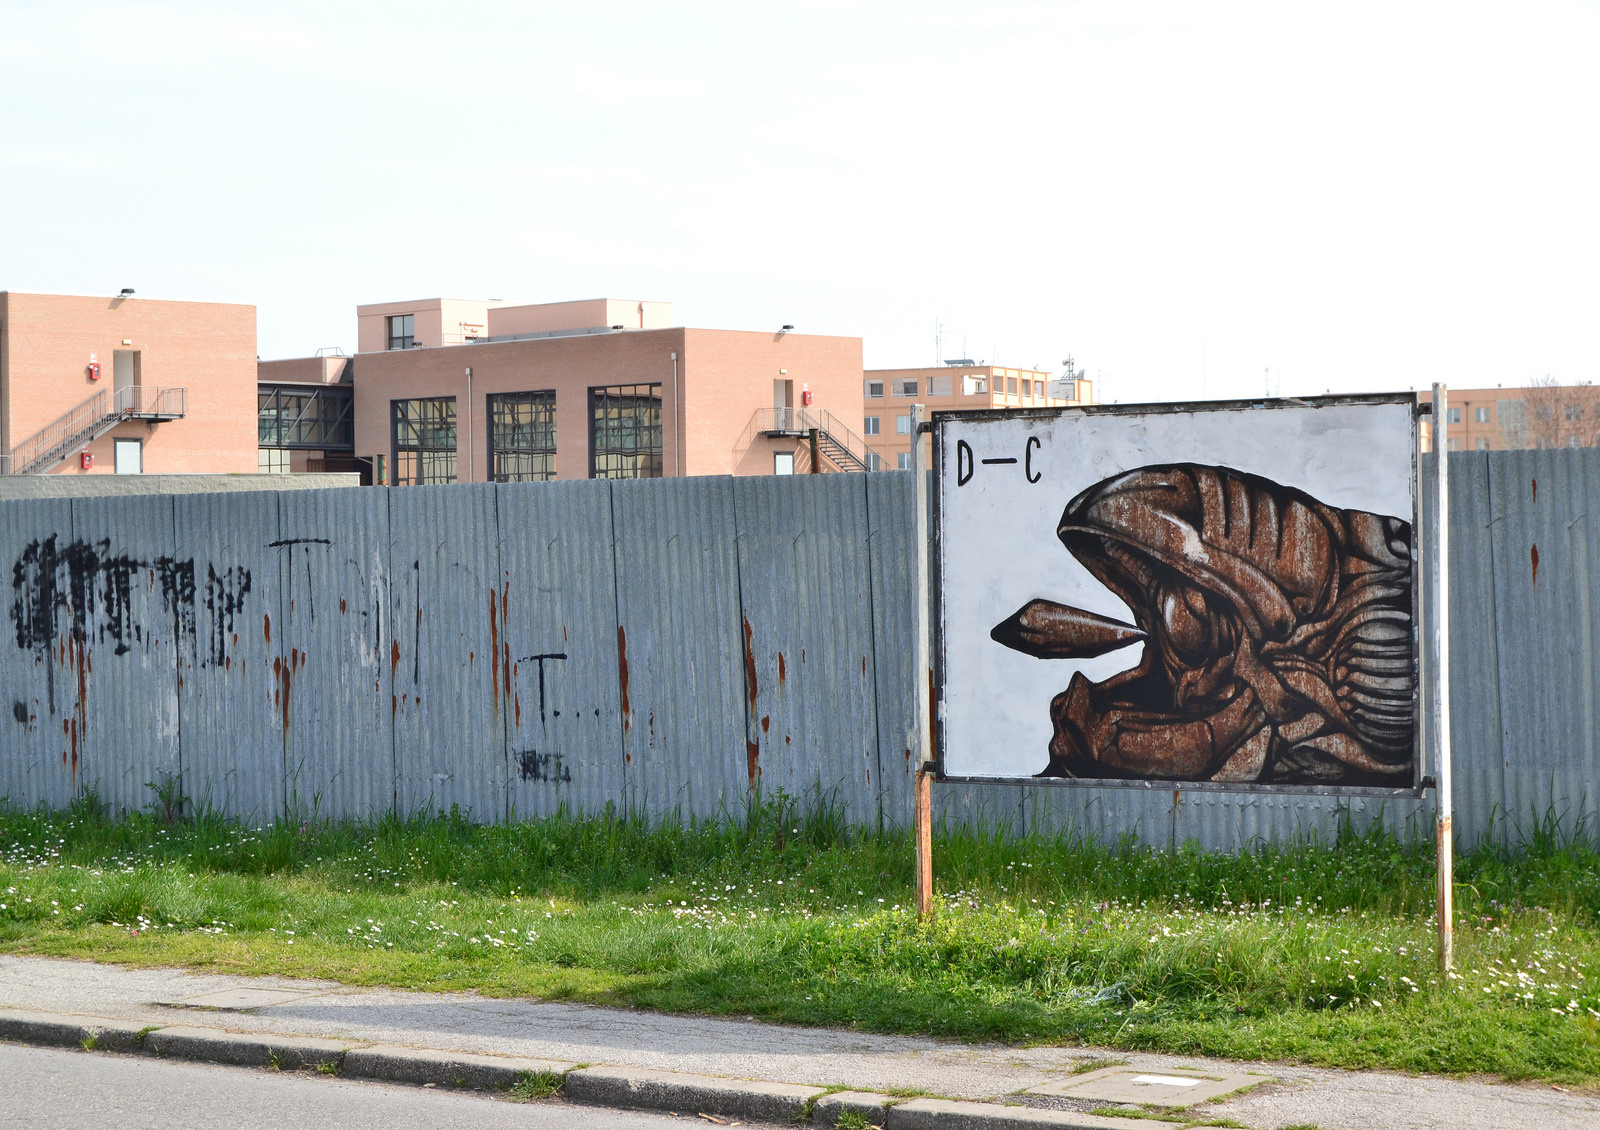 dissensocognitivo-new-mural-near-ravenna-part3-04